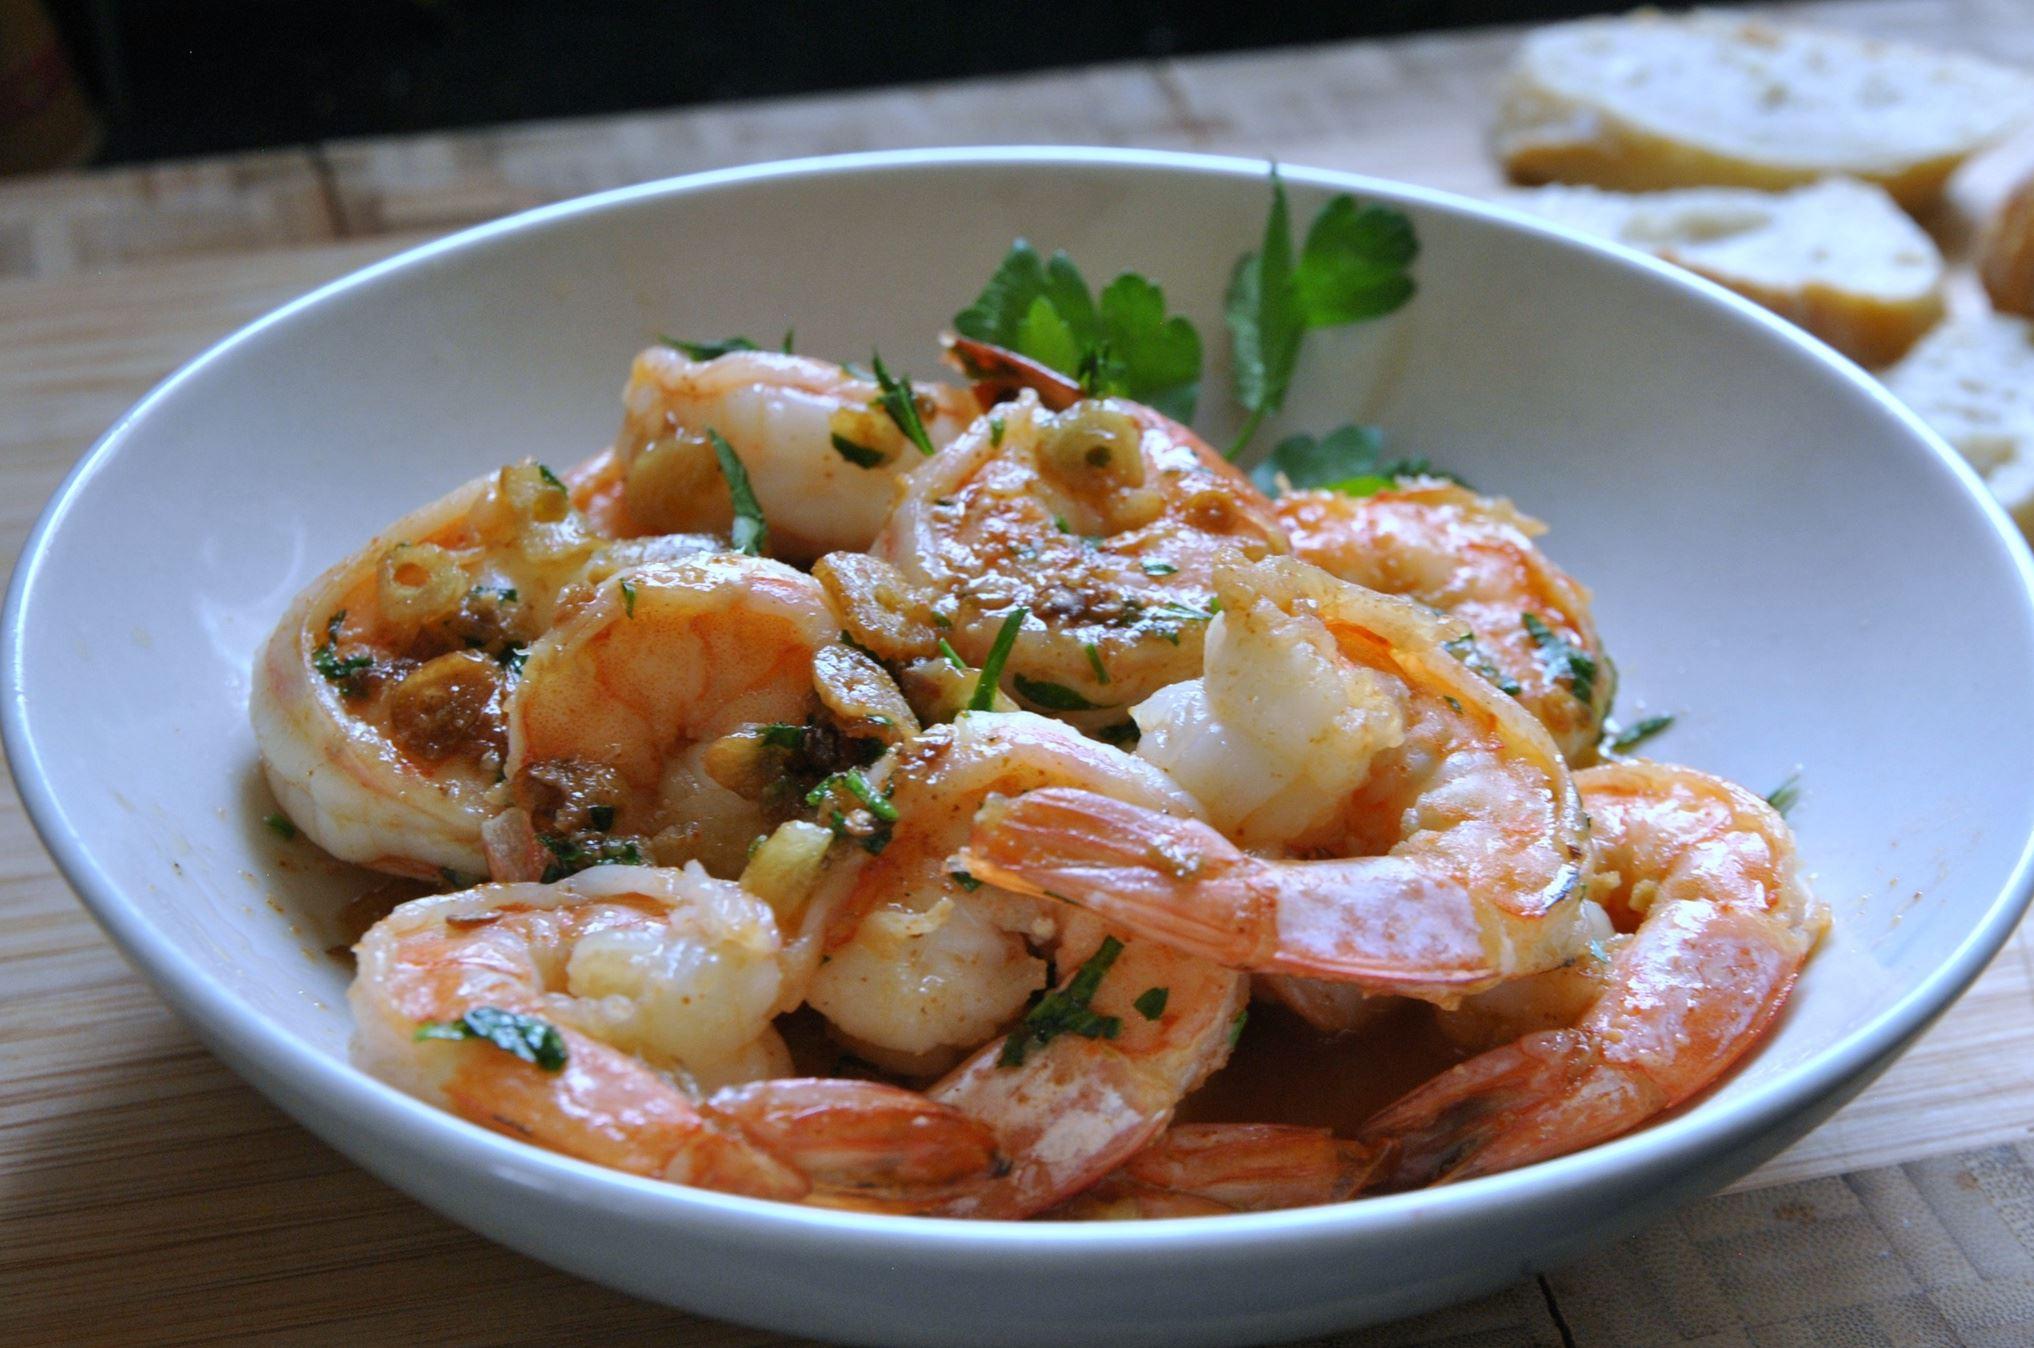 20131217hotapas1223shrimpfood Gambas al Ajillo (Garlic Shrimp).